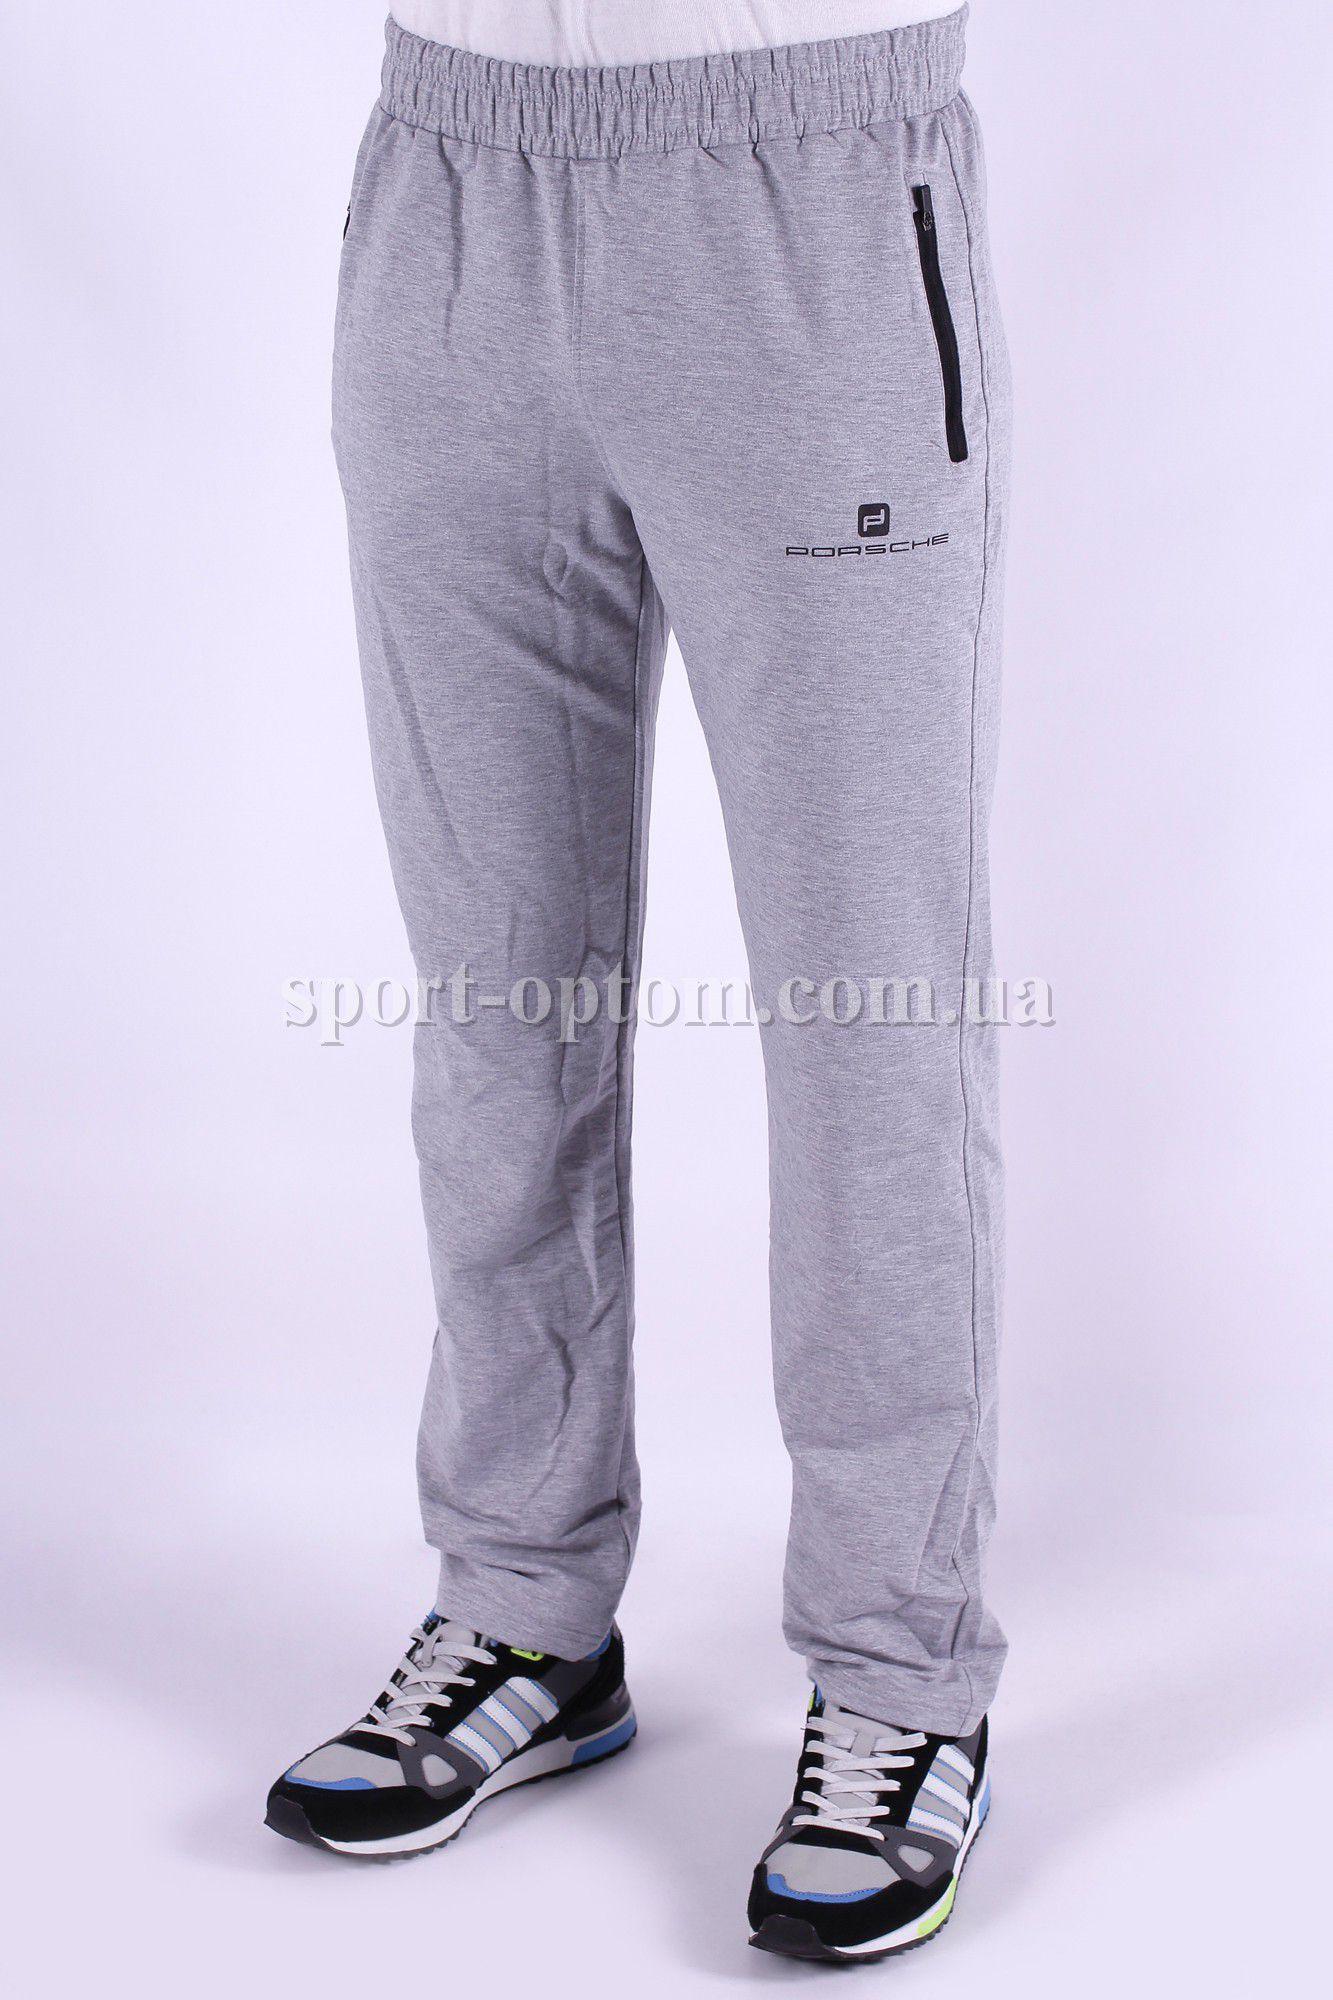 fd6e31cf Купить оптом Мужские спортивные штаны Adidas 0931 турецкого ...